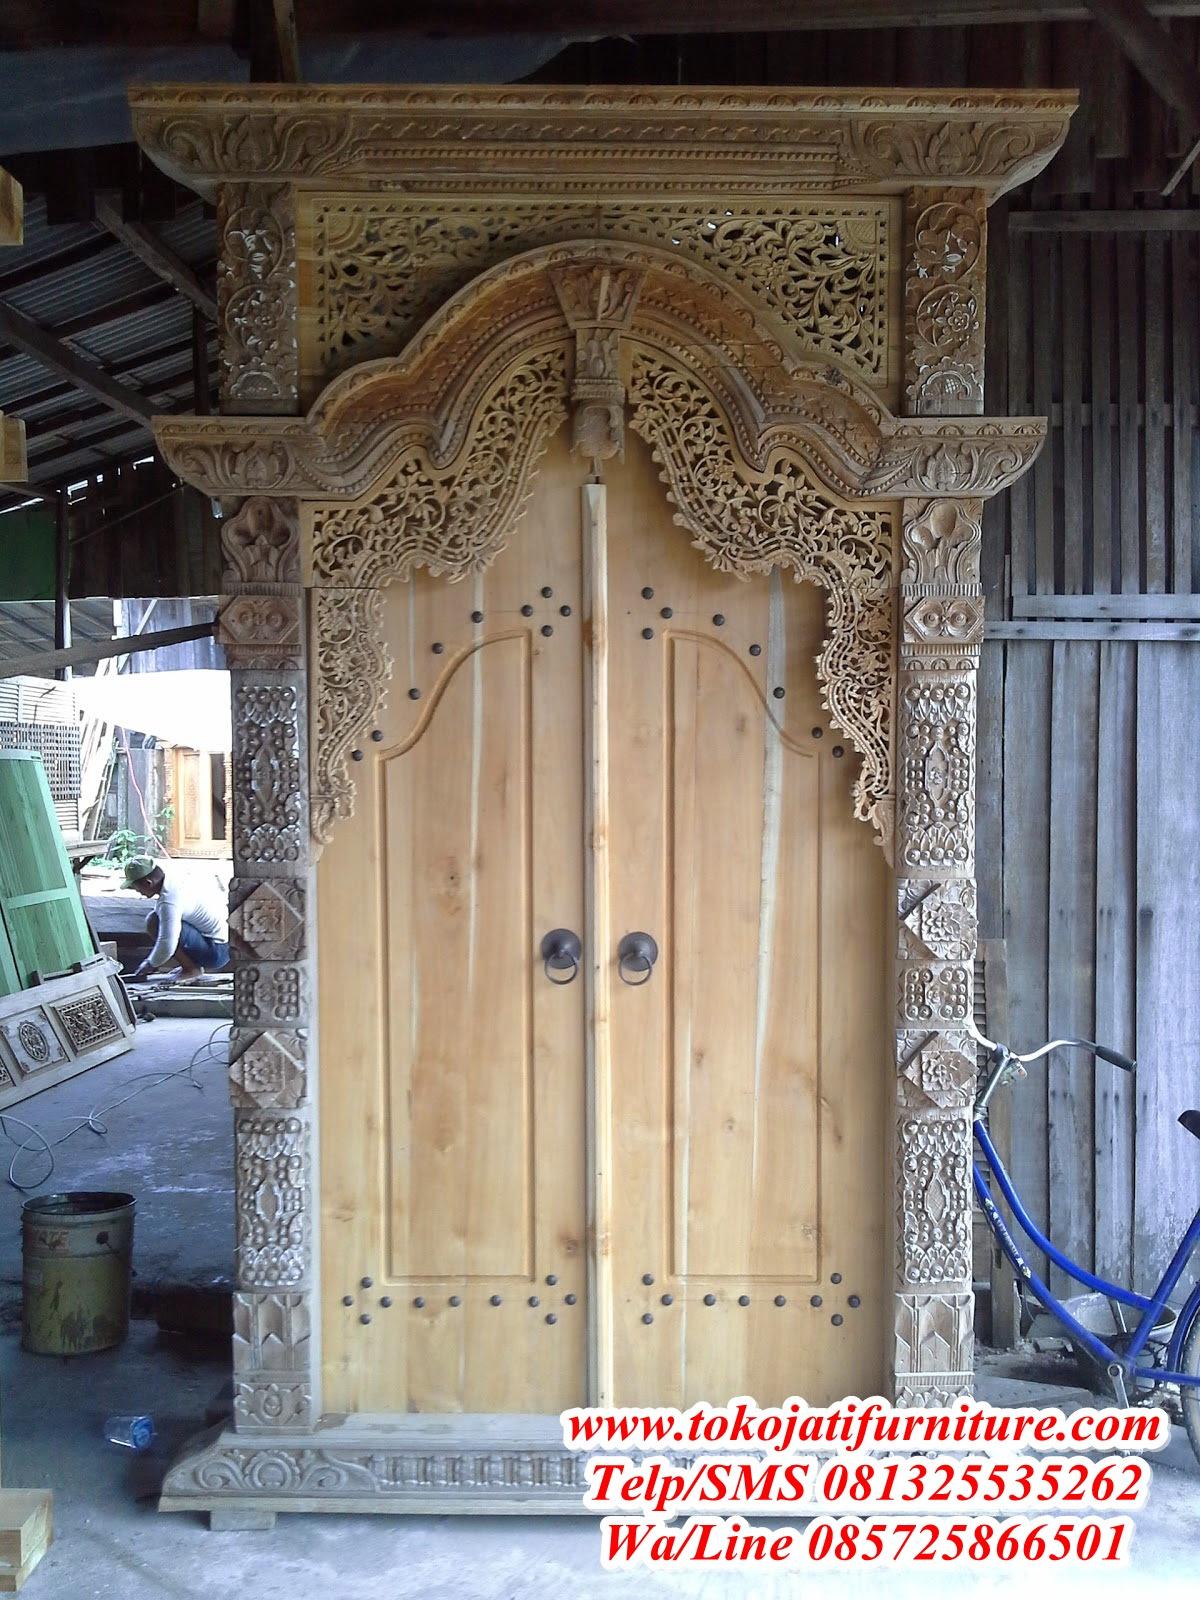 Koleksi Denah Rumah Gebyok Jawa 2020